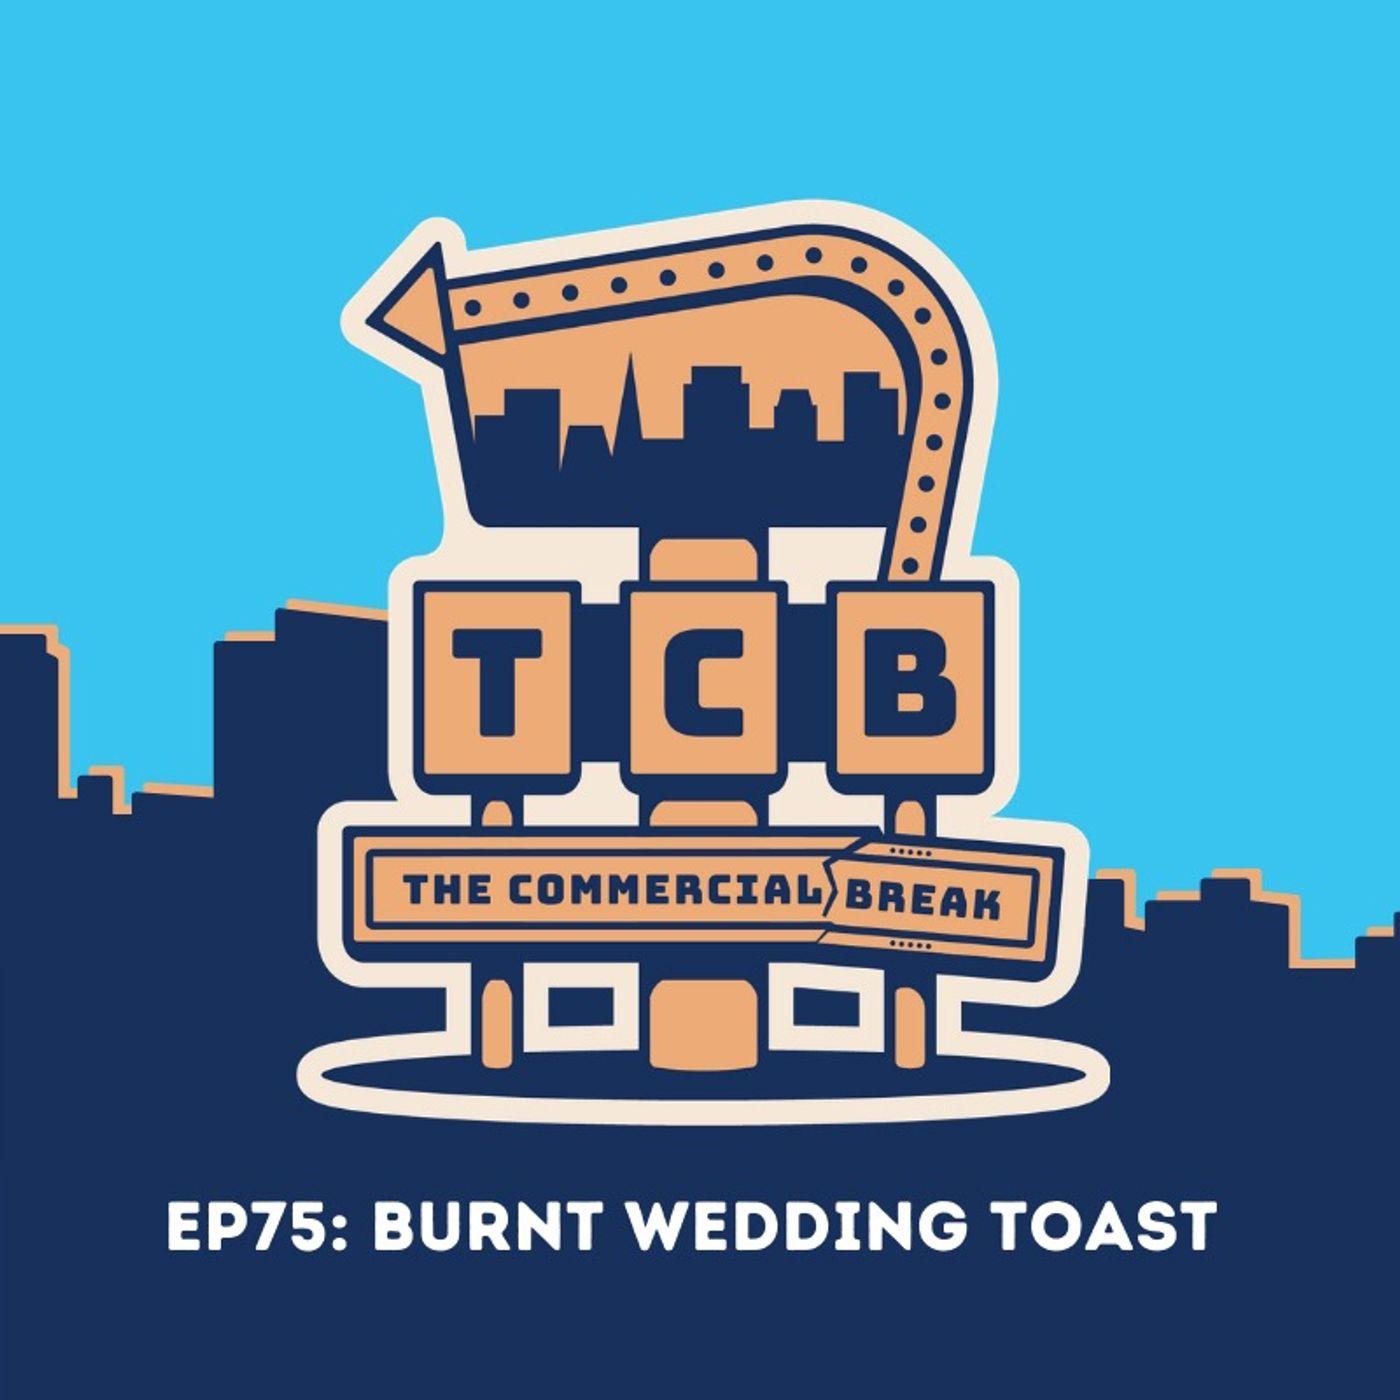 EP75: Burnt Wedding Toast